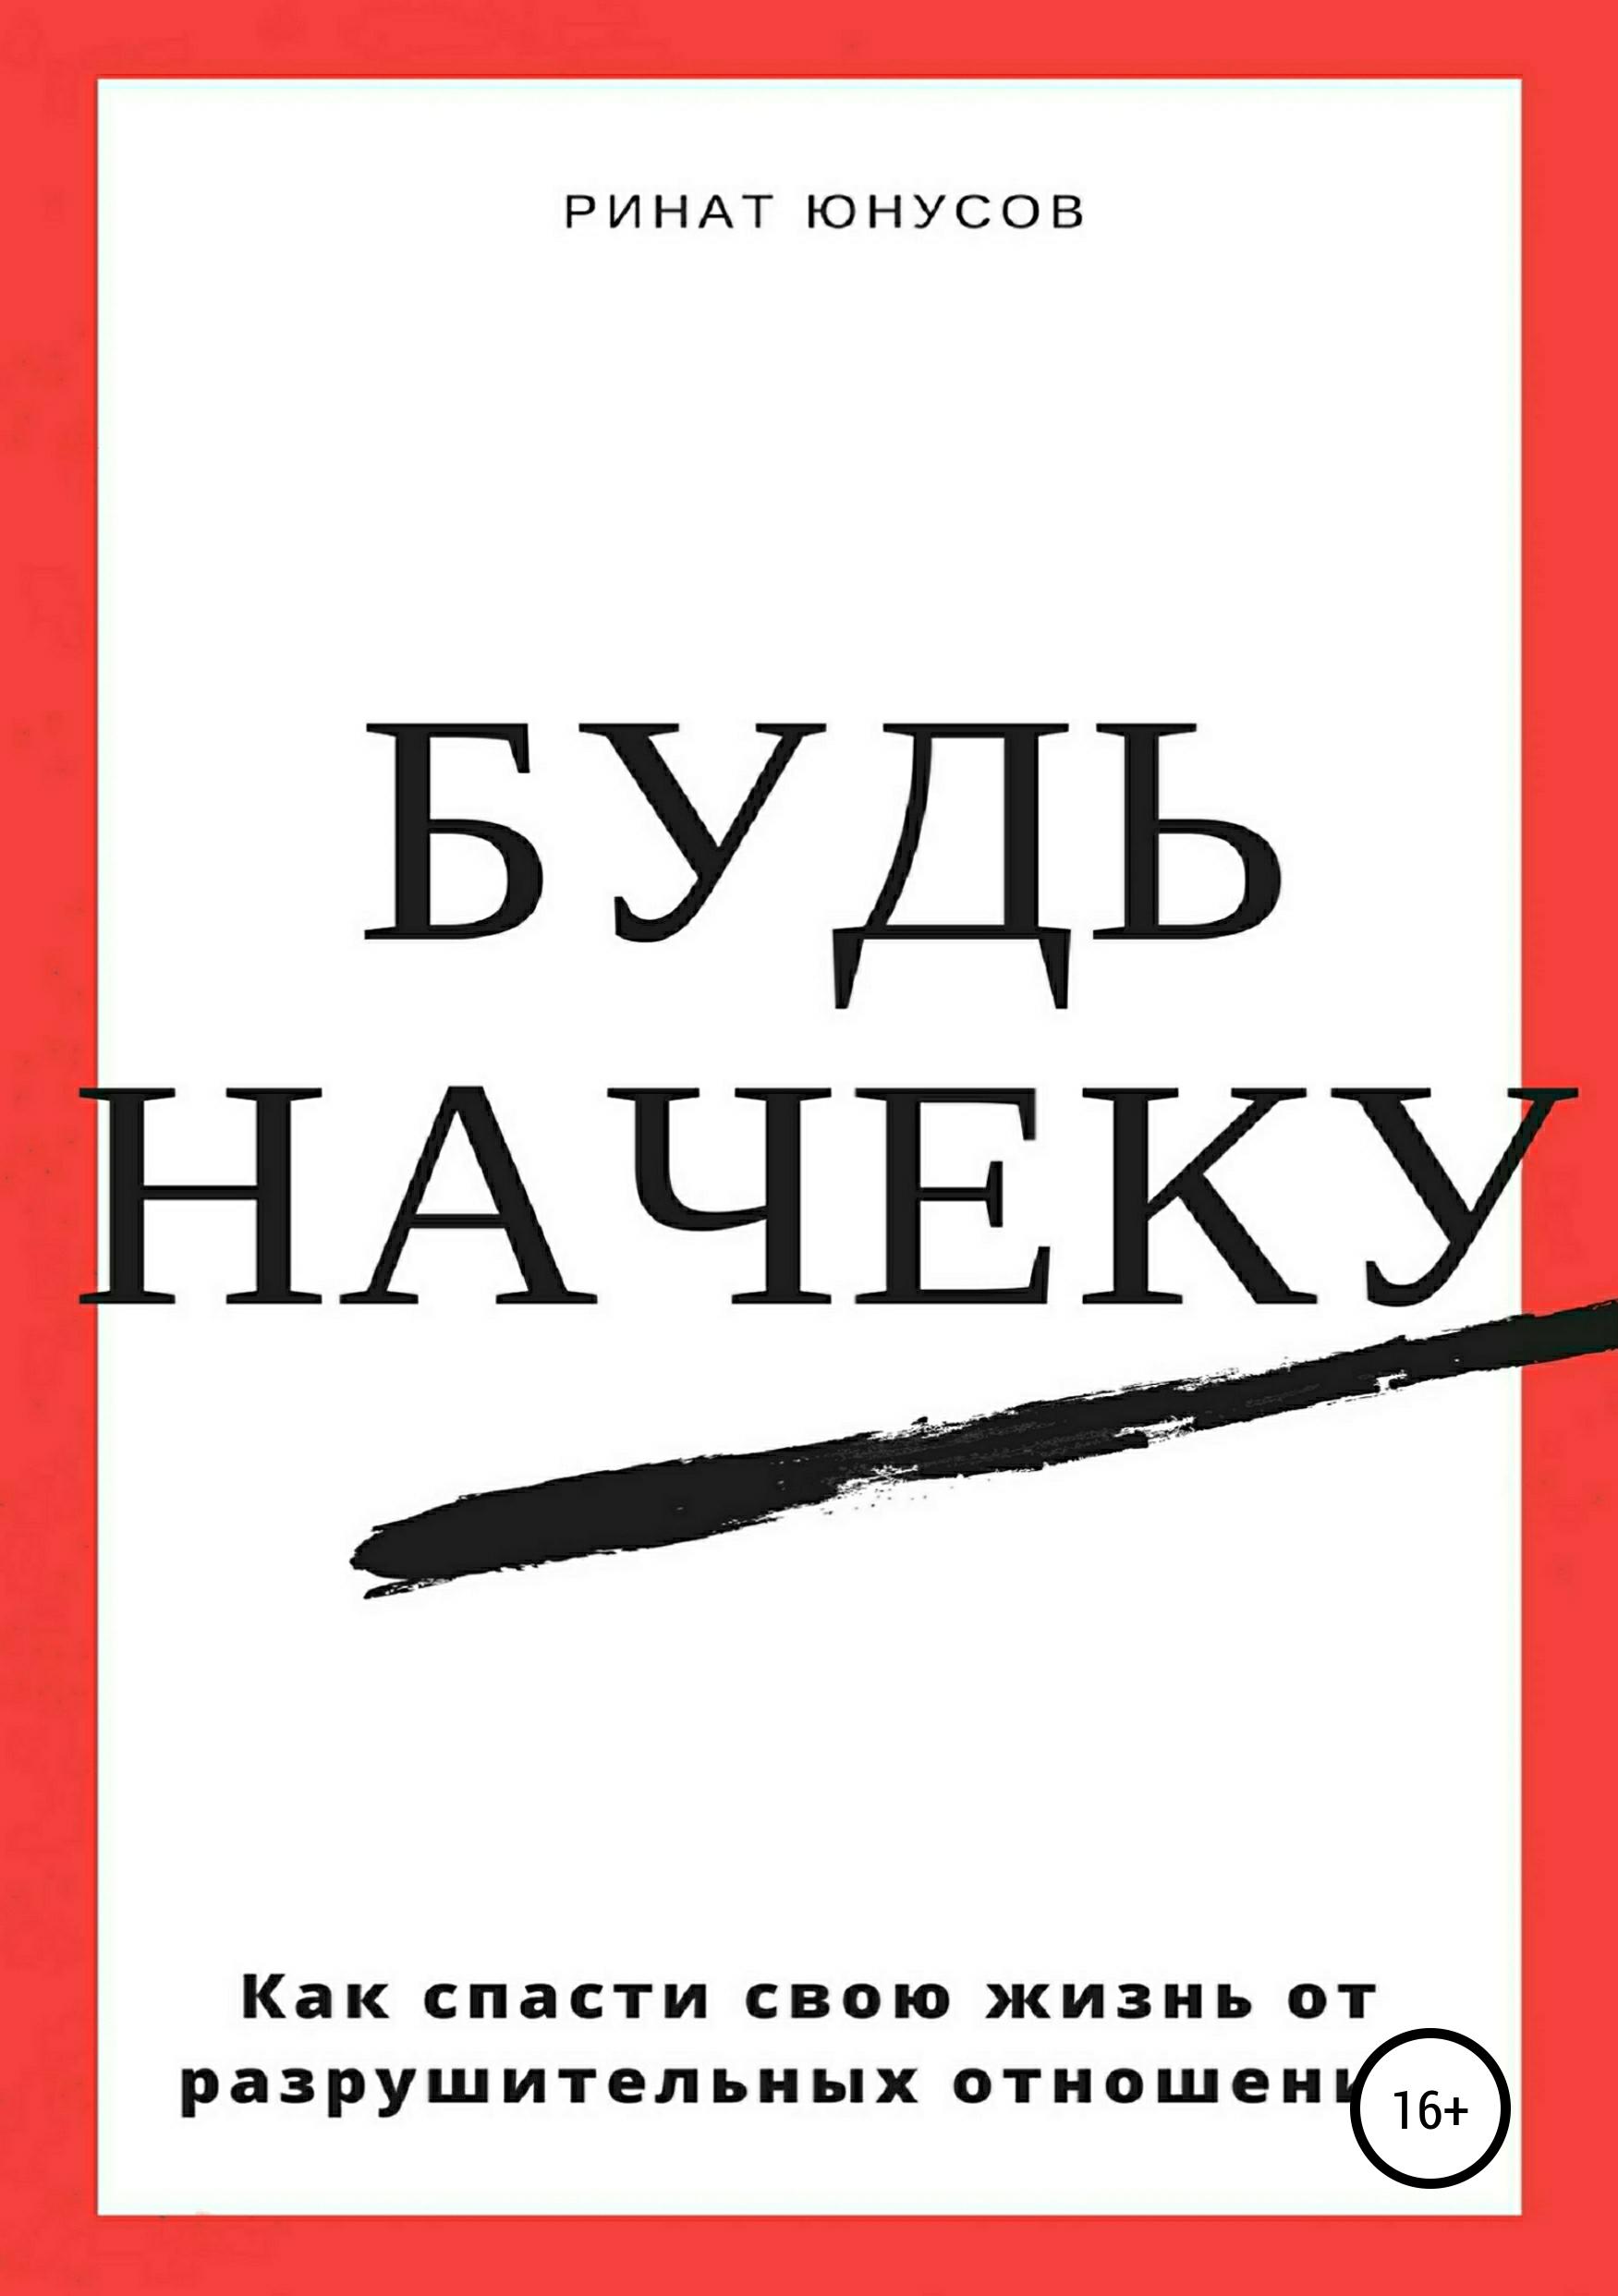 Ринат Юнусов «Будь начеку. Как спасти свою жизнь от разрушительных отношений»